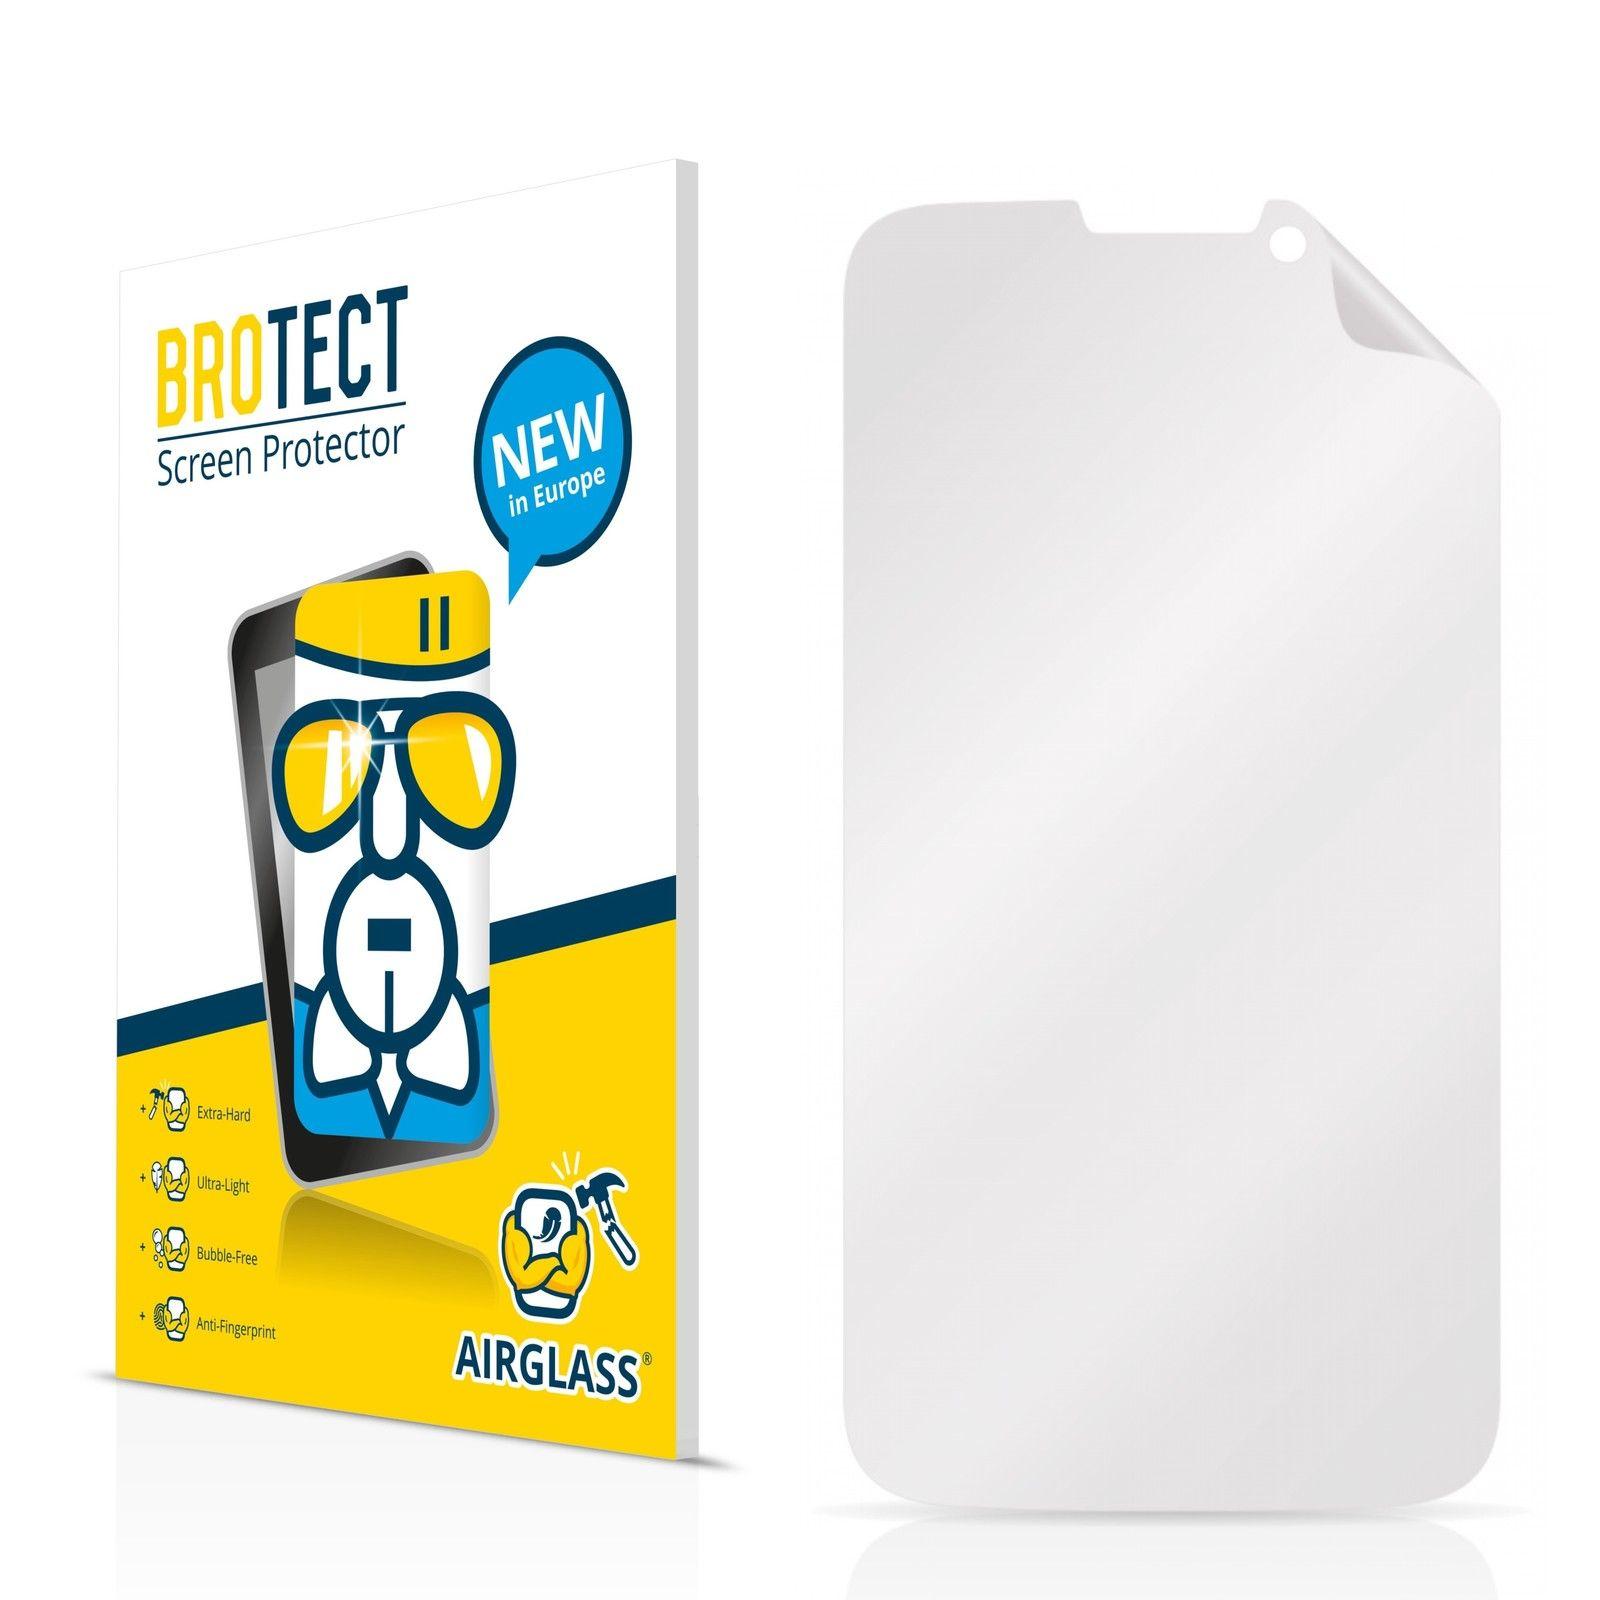 Extra tvrzená ochranná fólie (tvrzené sklo) AirGlass Brotec na LCD pro Prestigio MultiPhone 5517 DUO